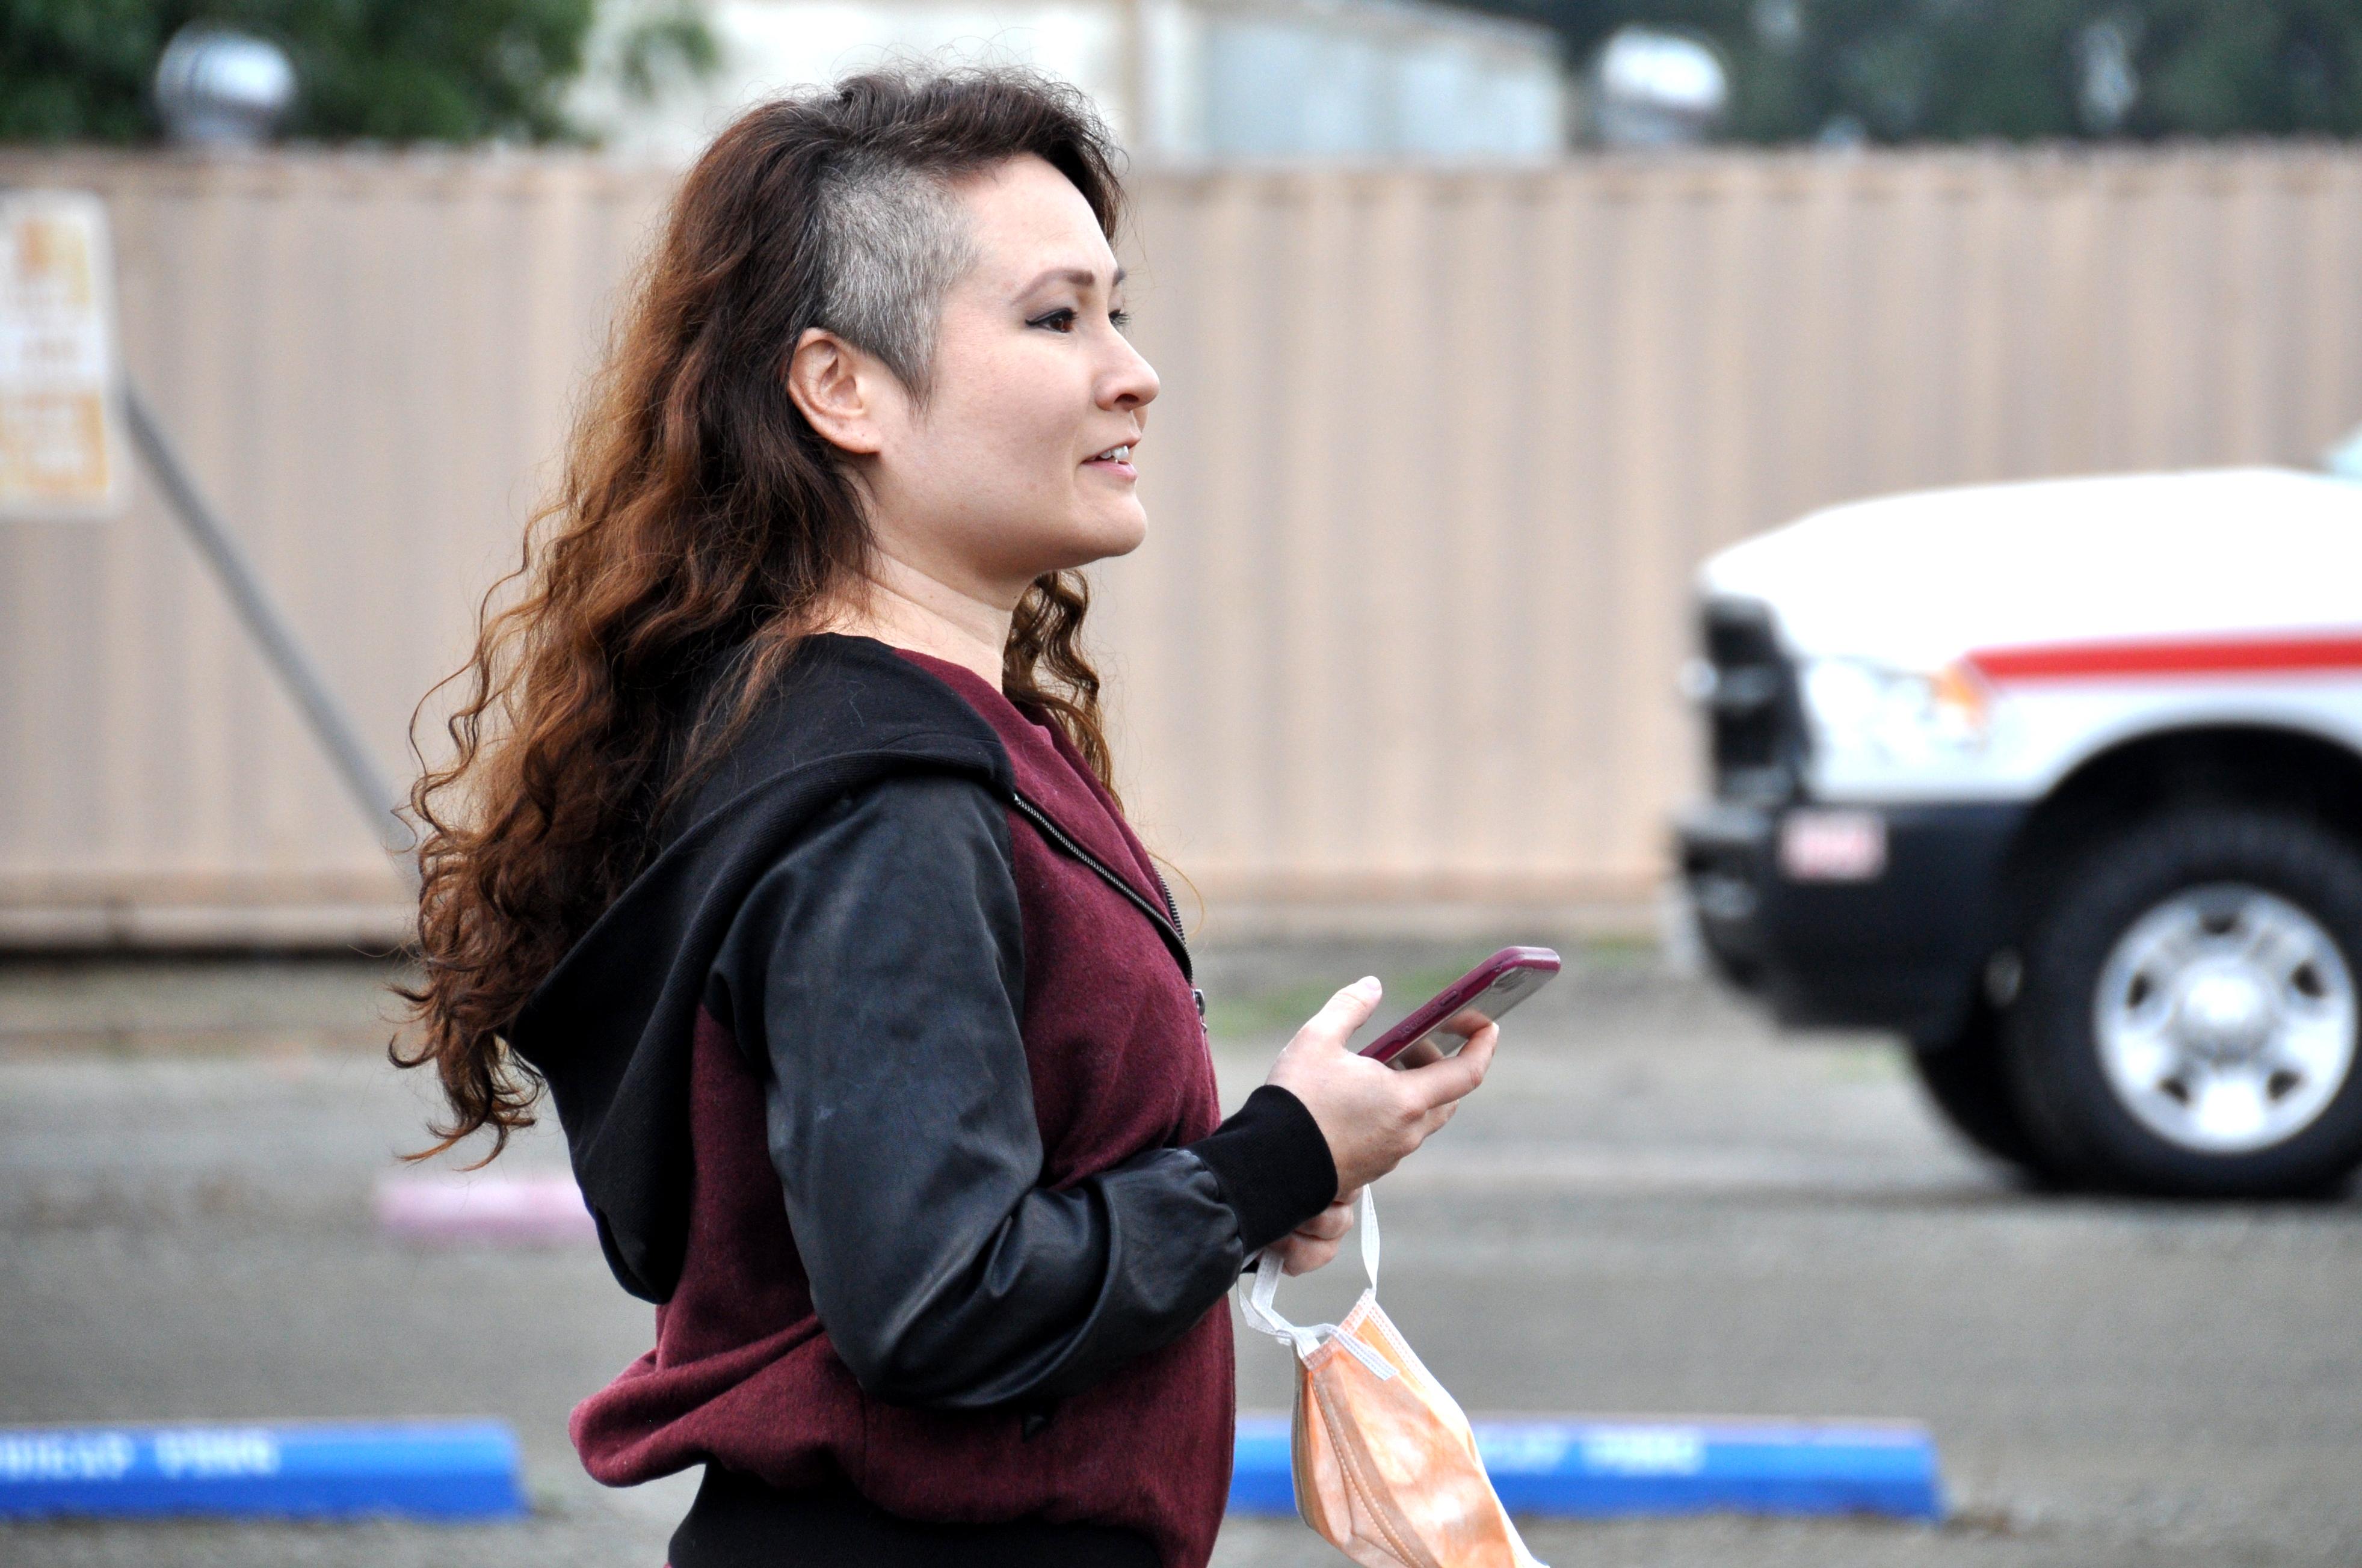 Rebecca Woodruff, Kiera's high school teacher, waits for her release | Gina Pollack